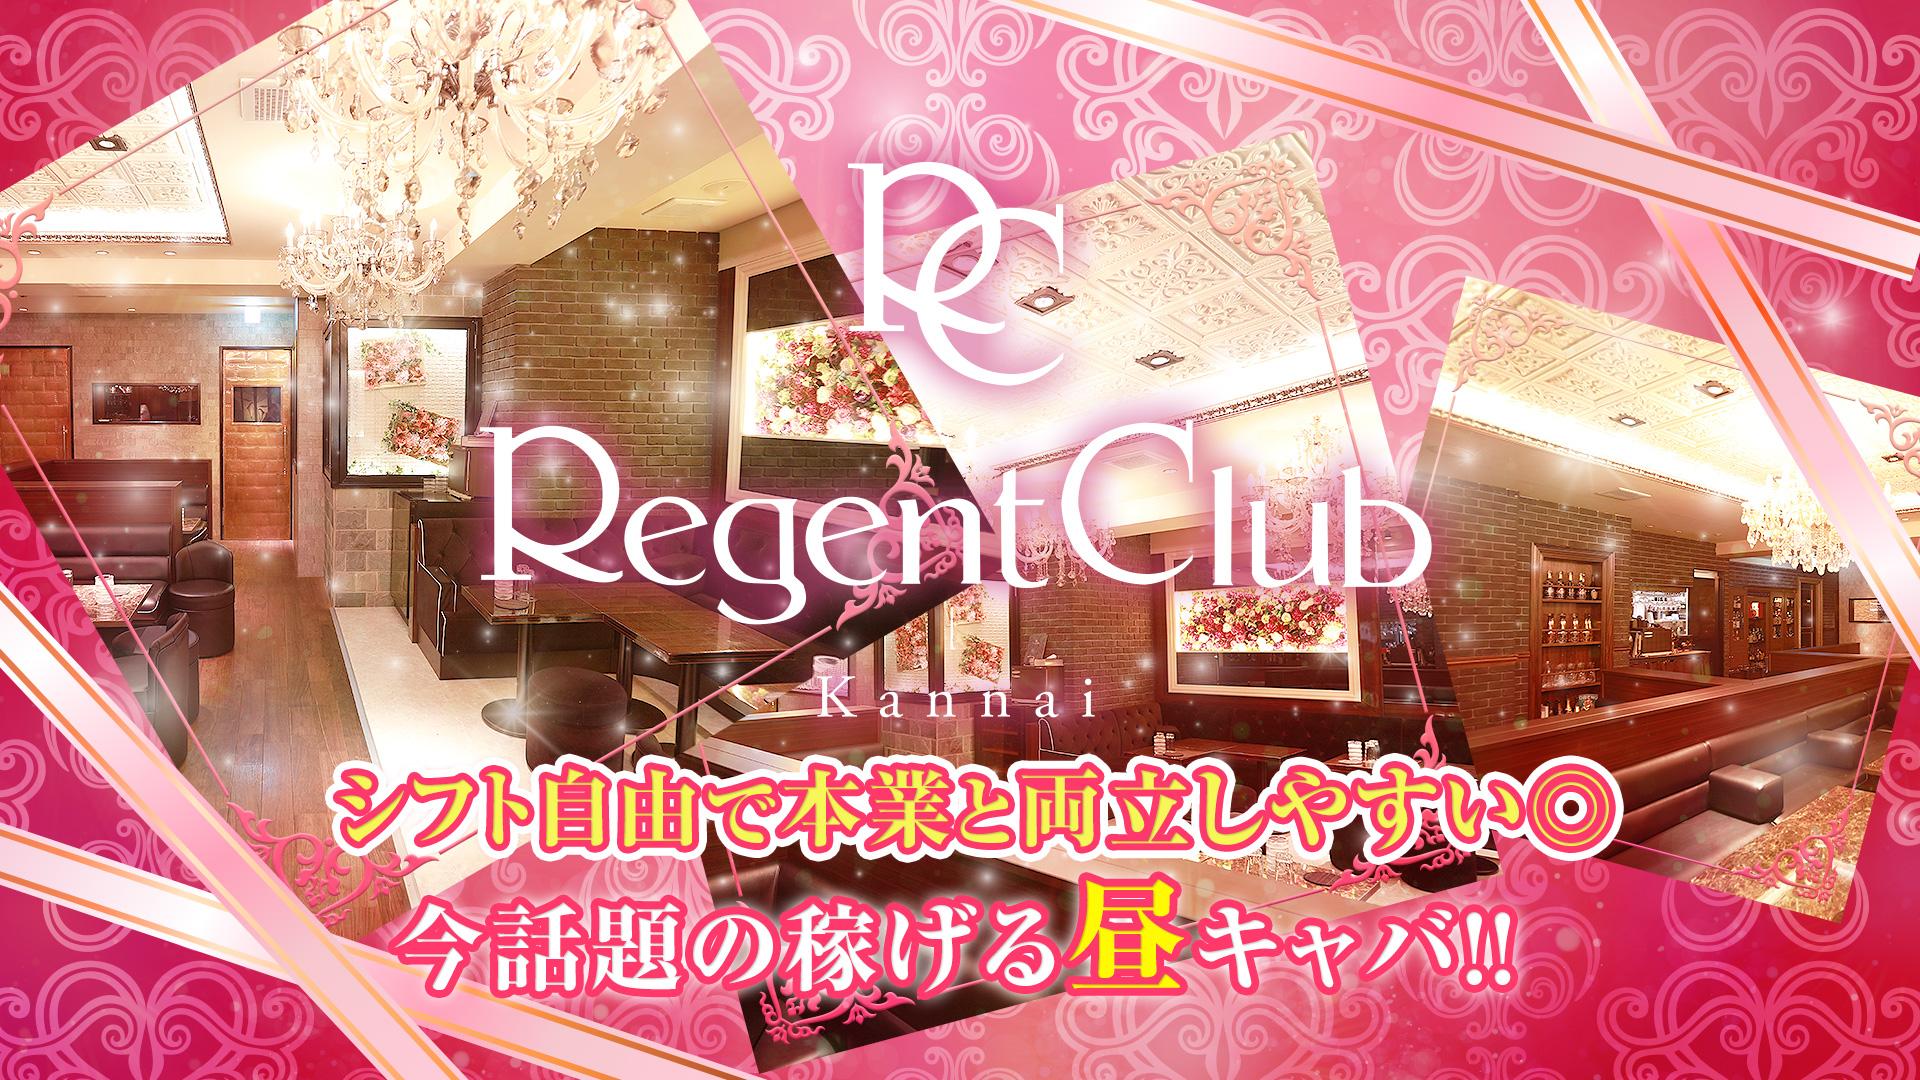 【昼】Regent Club Kannai [リージェントクラブカンナイ] 関内 キャバクラ TOP画像